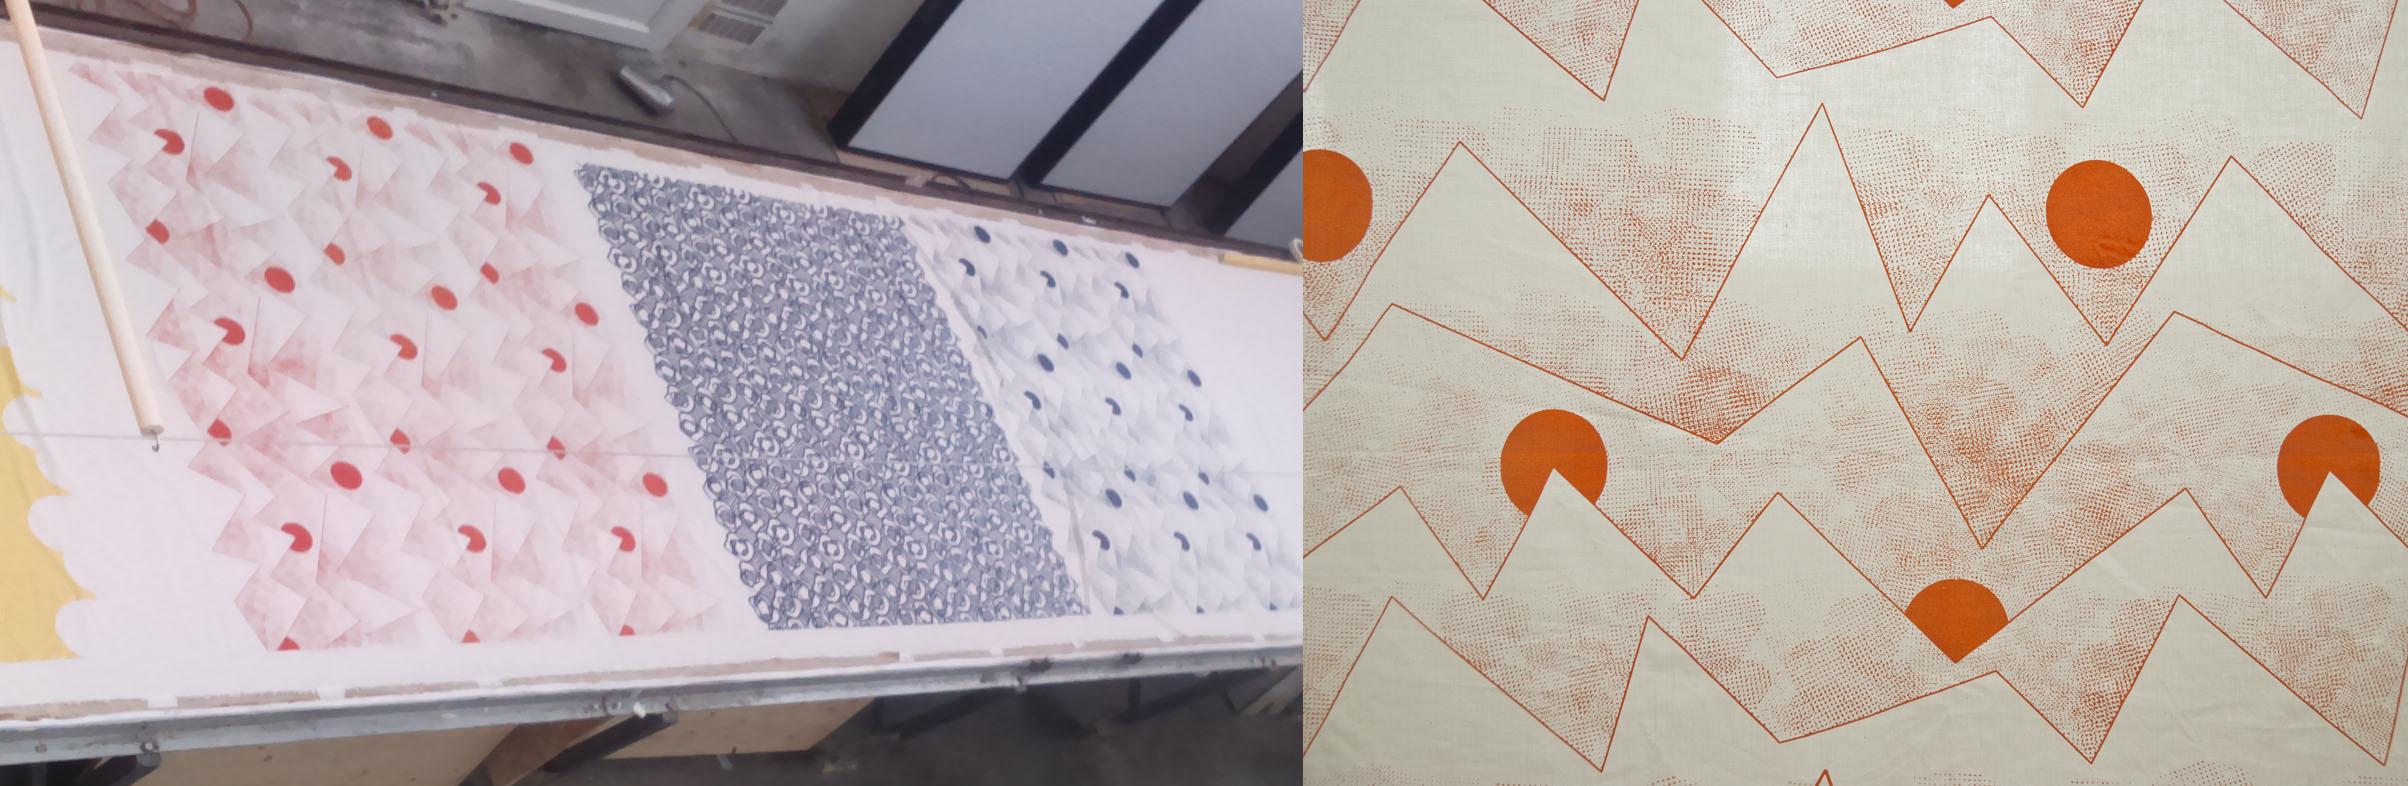 Test d'impression furoshiki et détail du motif Oblique